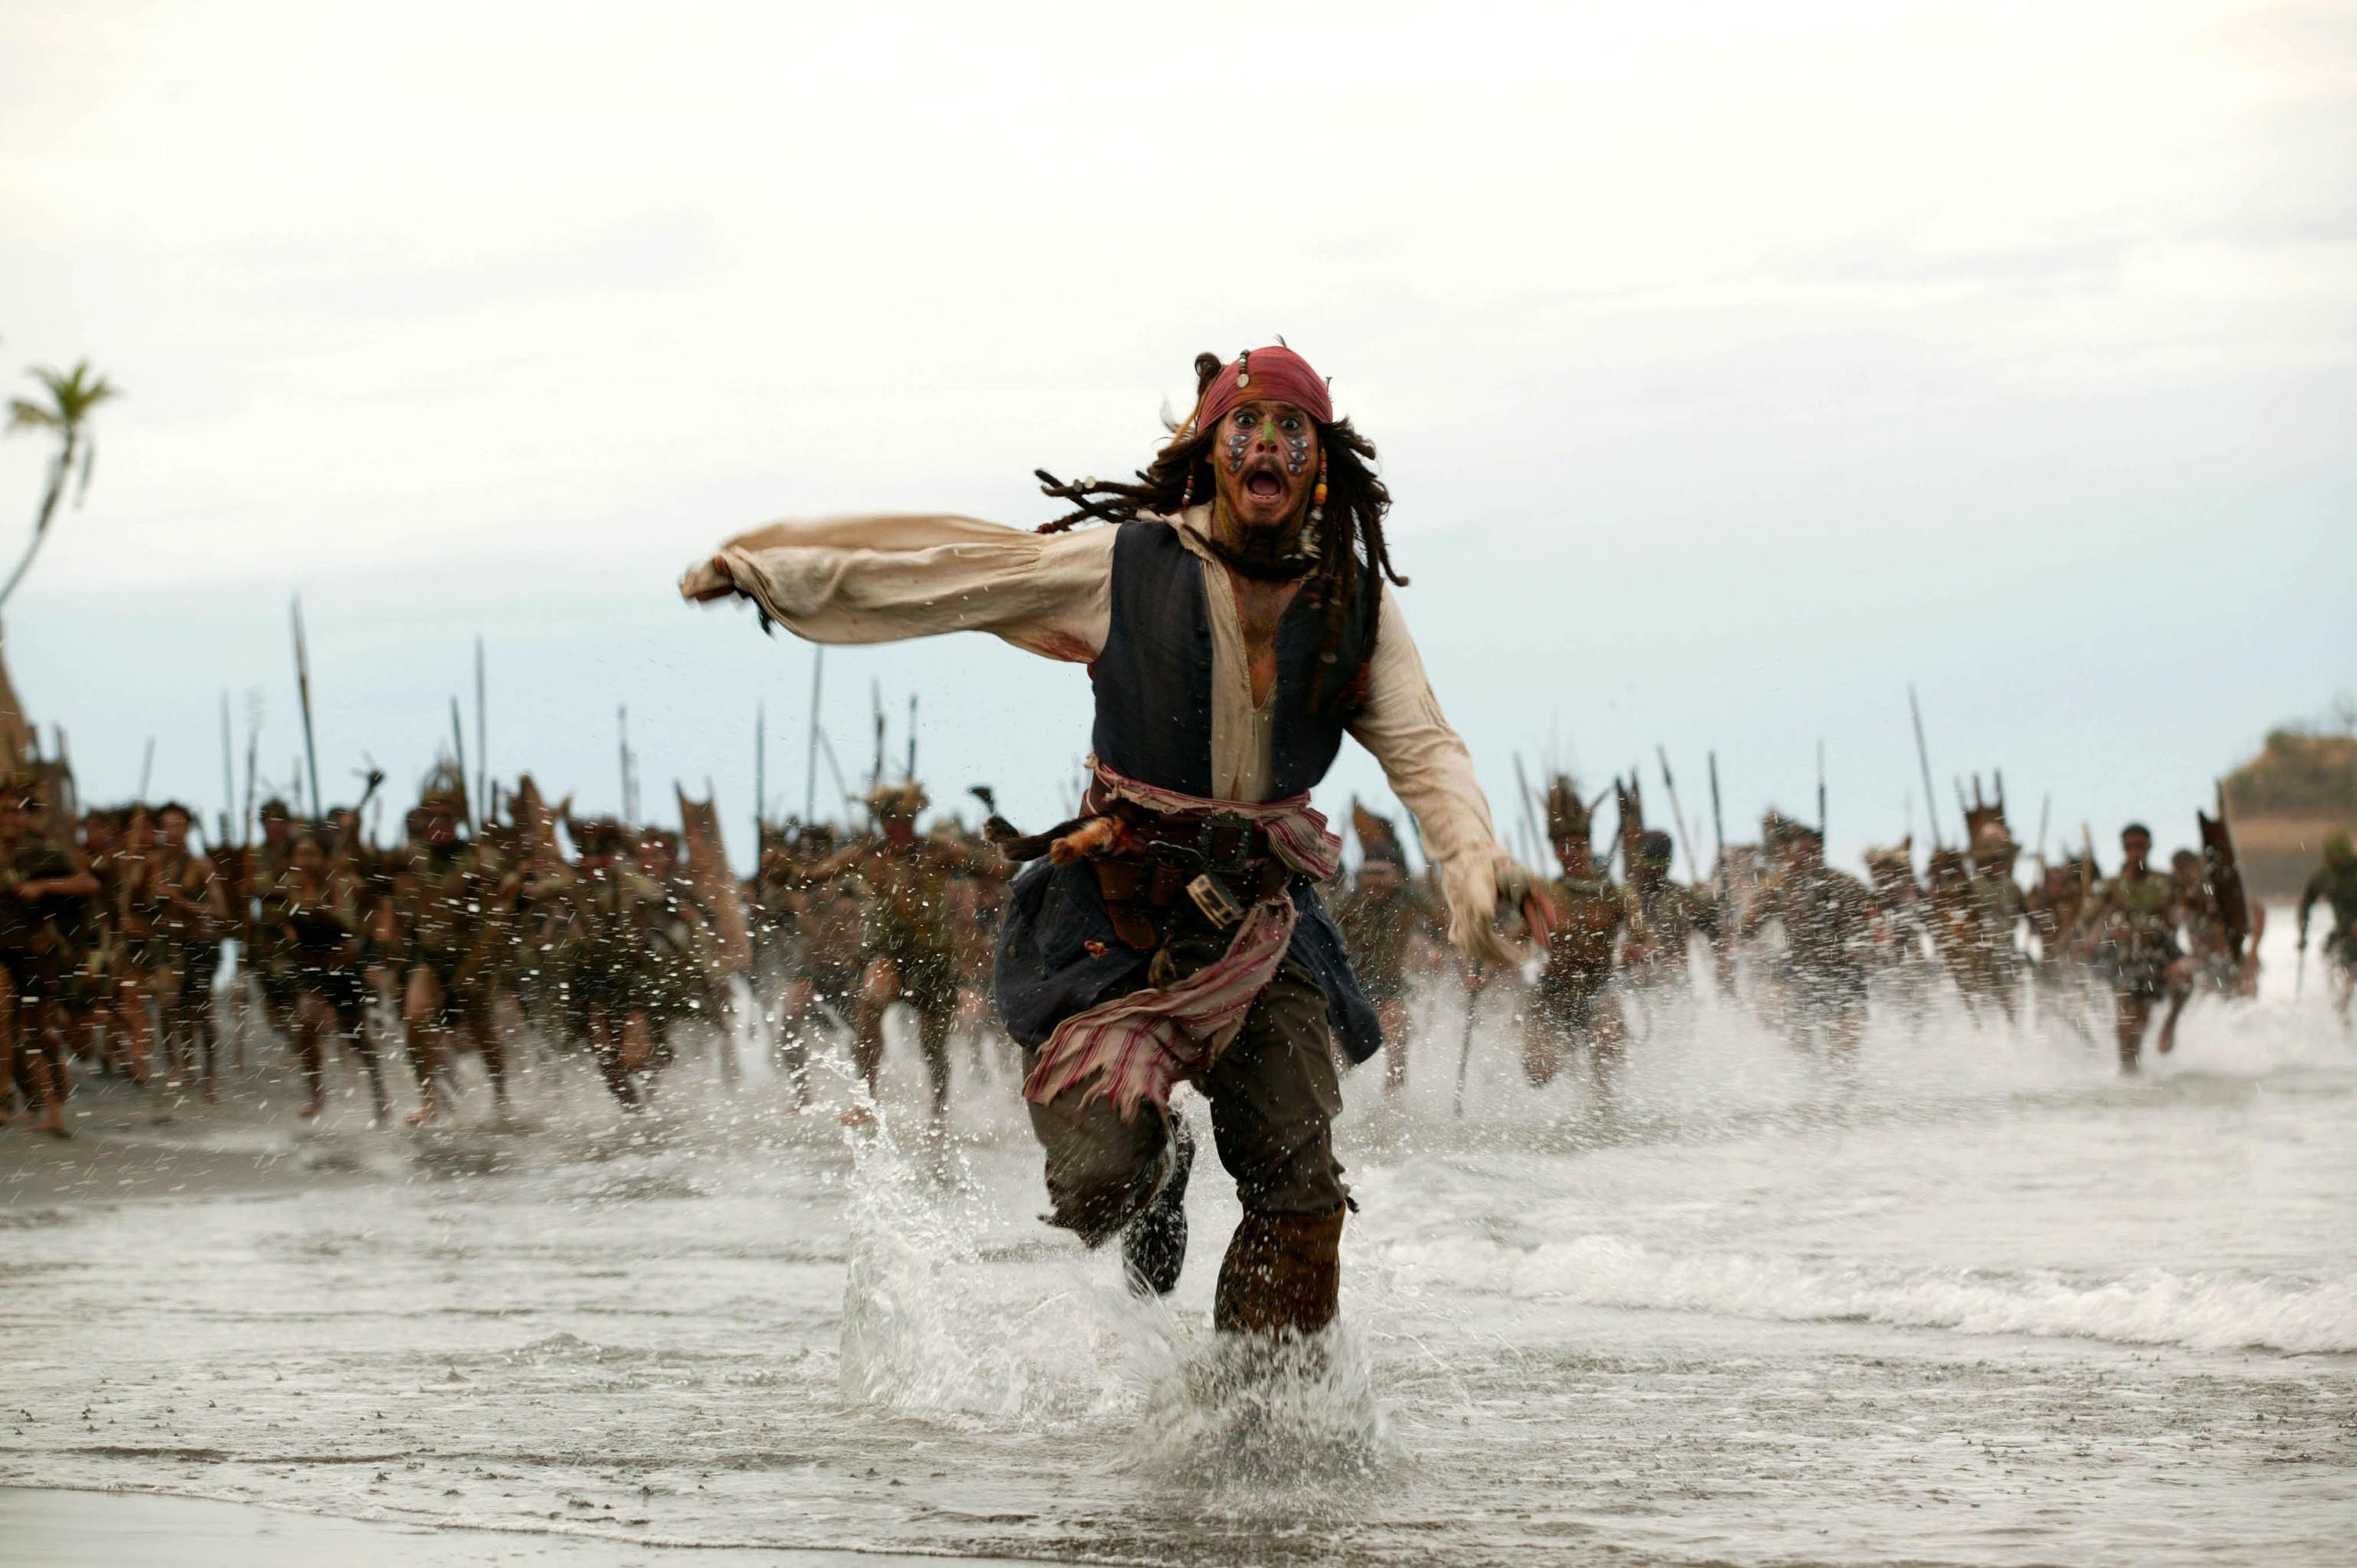 Vil Zac Efron kunne erstatte gode, gamle Jack Sparrow?